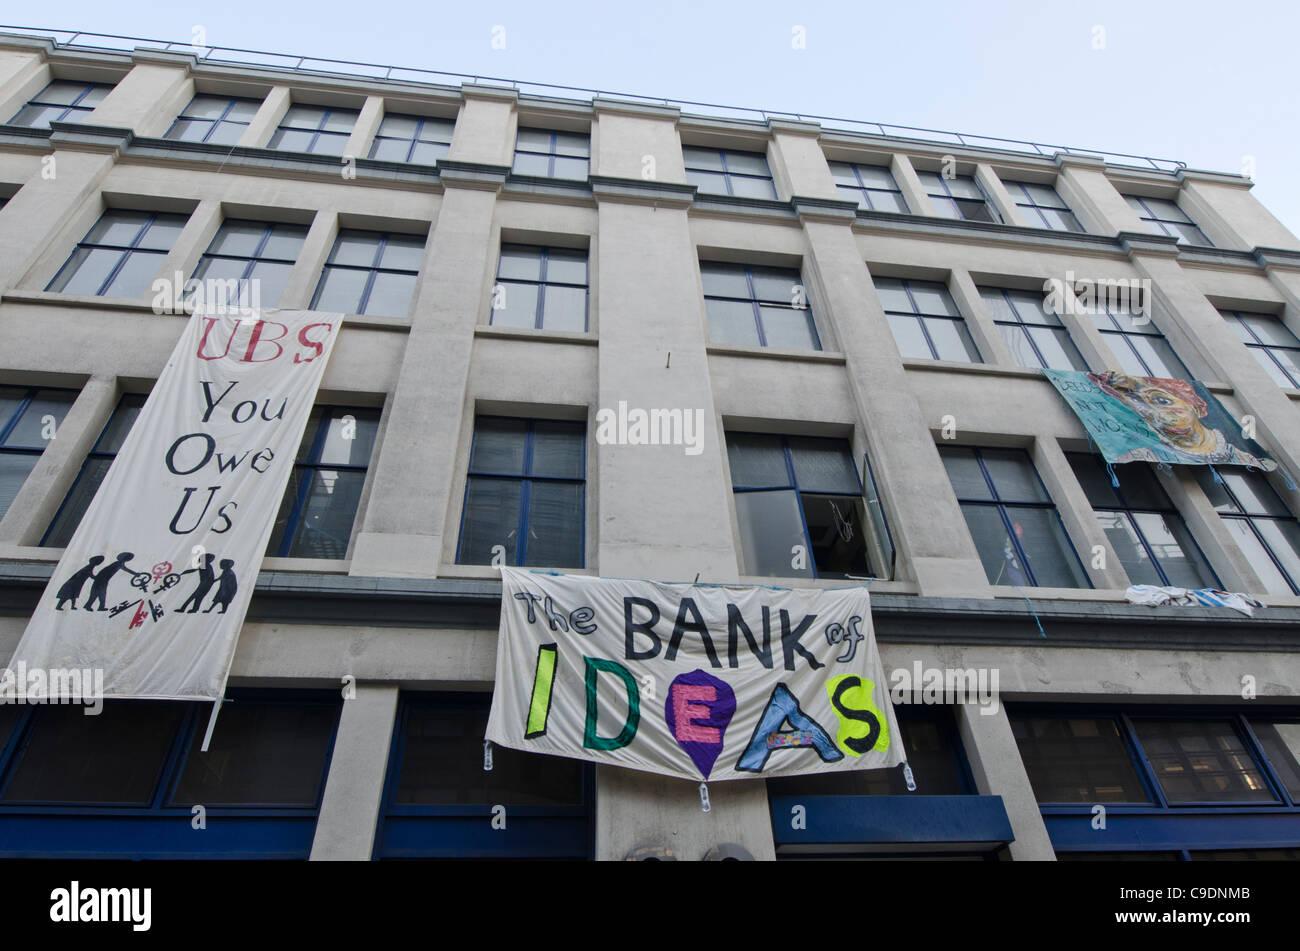 Les défenseurs de la justice économique occupait un immeuble de bureaux abandonnés appartenant à Photo Stock